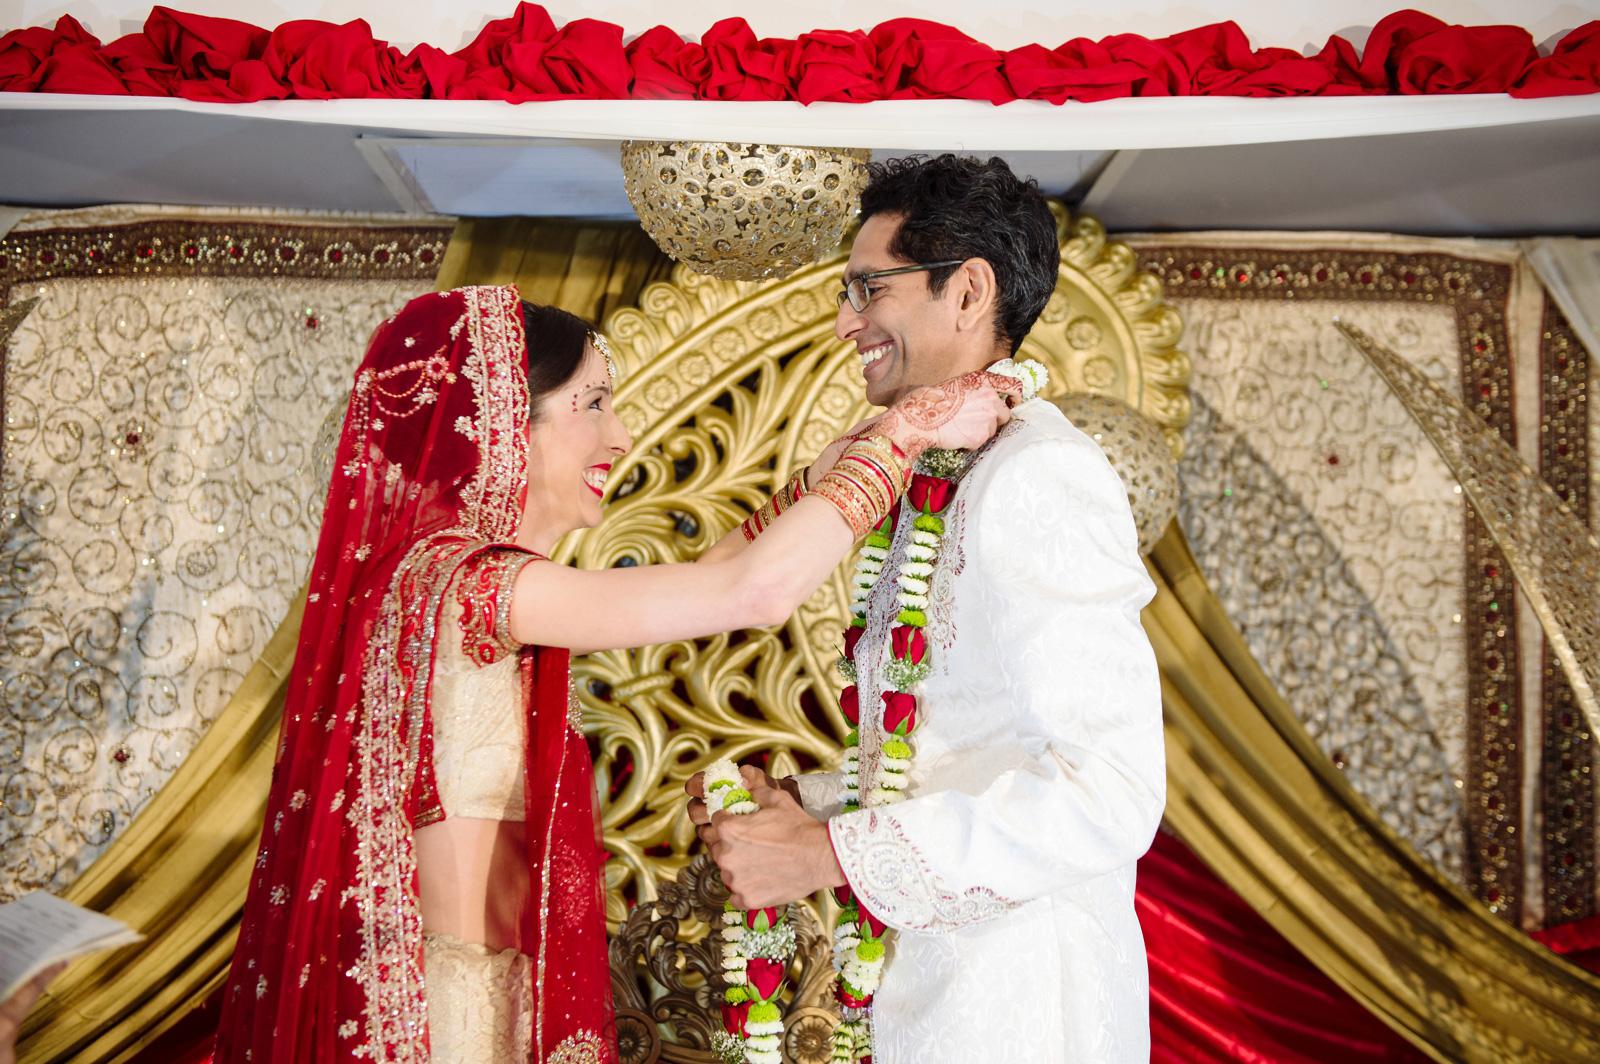 Hindu Wedding Ceremony Garlands